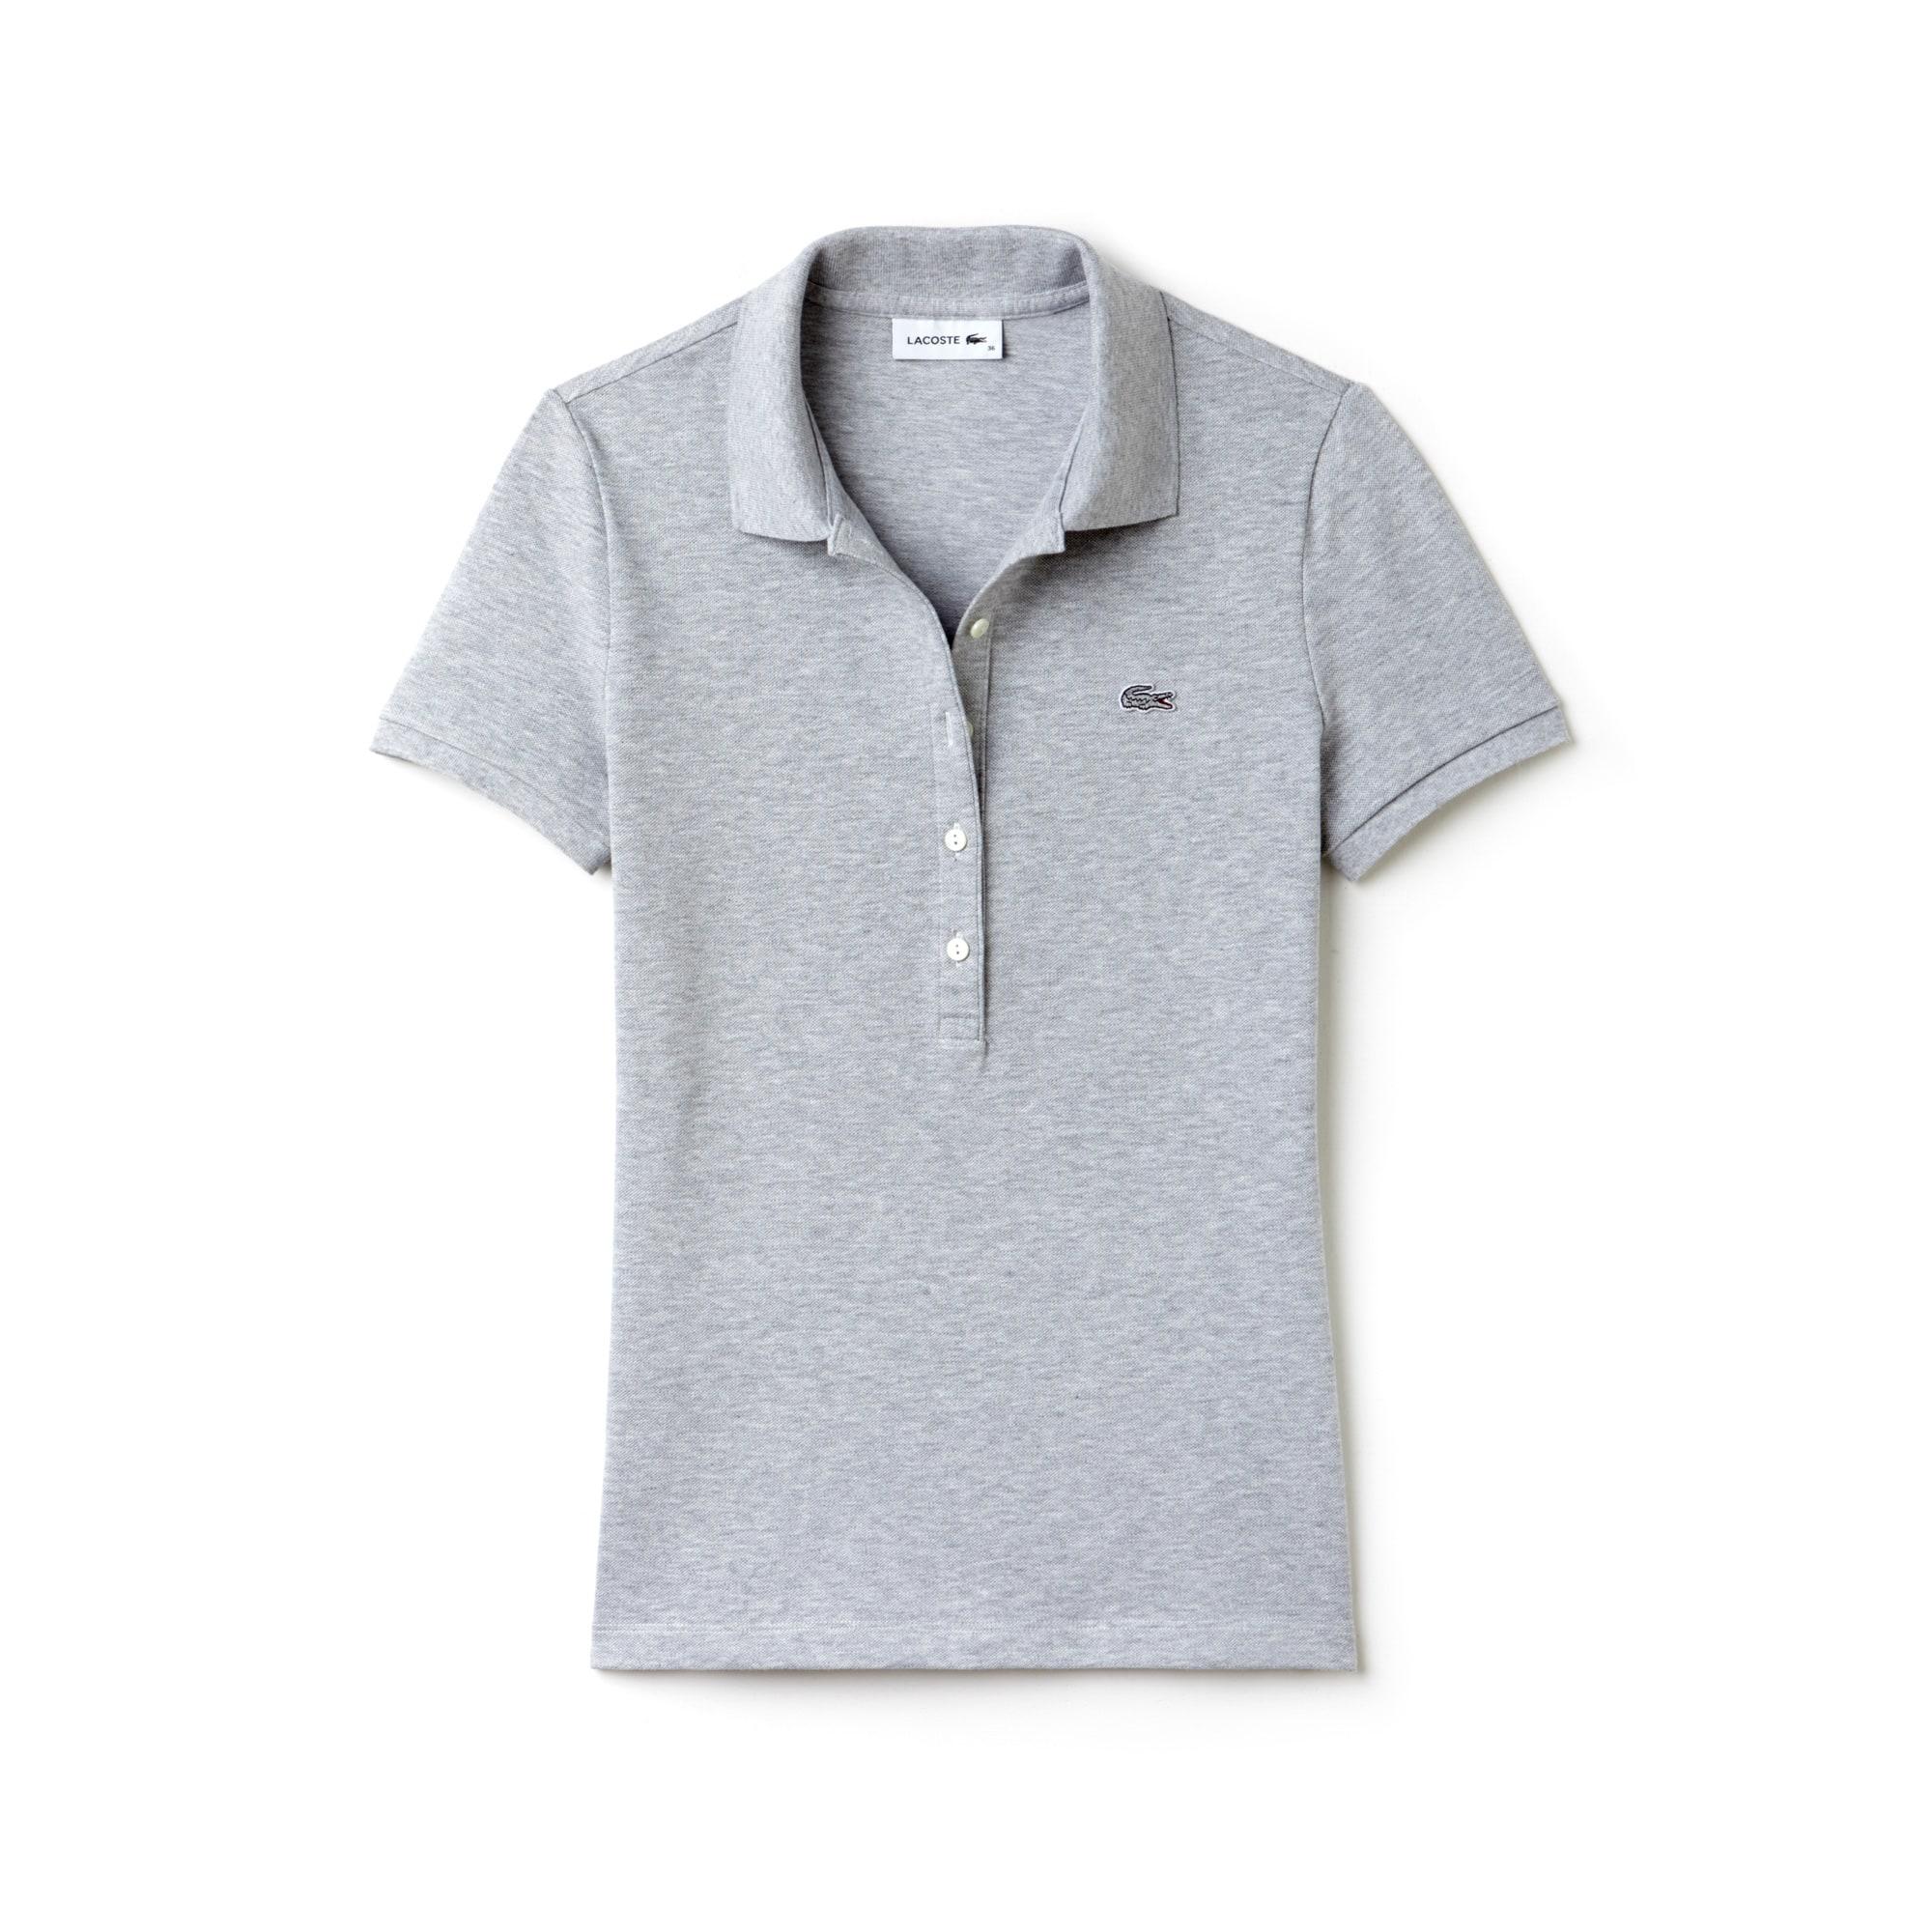 라코스테 Lacoste Womens Slim Fit Stretch Mini Cotton Pique Polo Shirt,grey chine